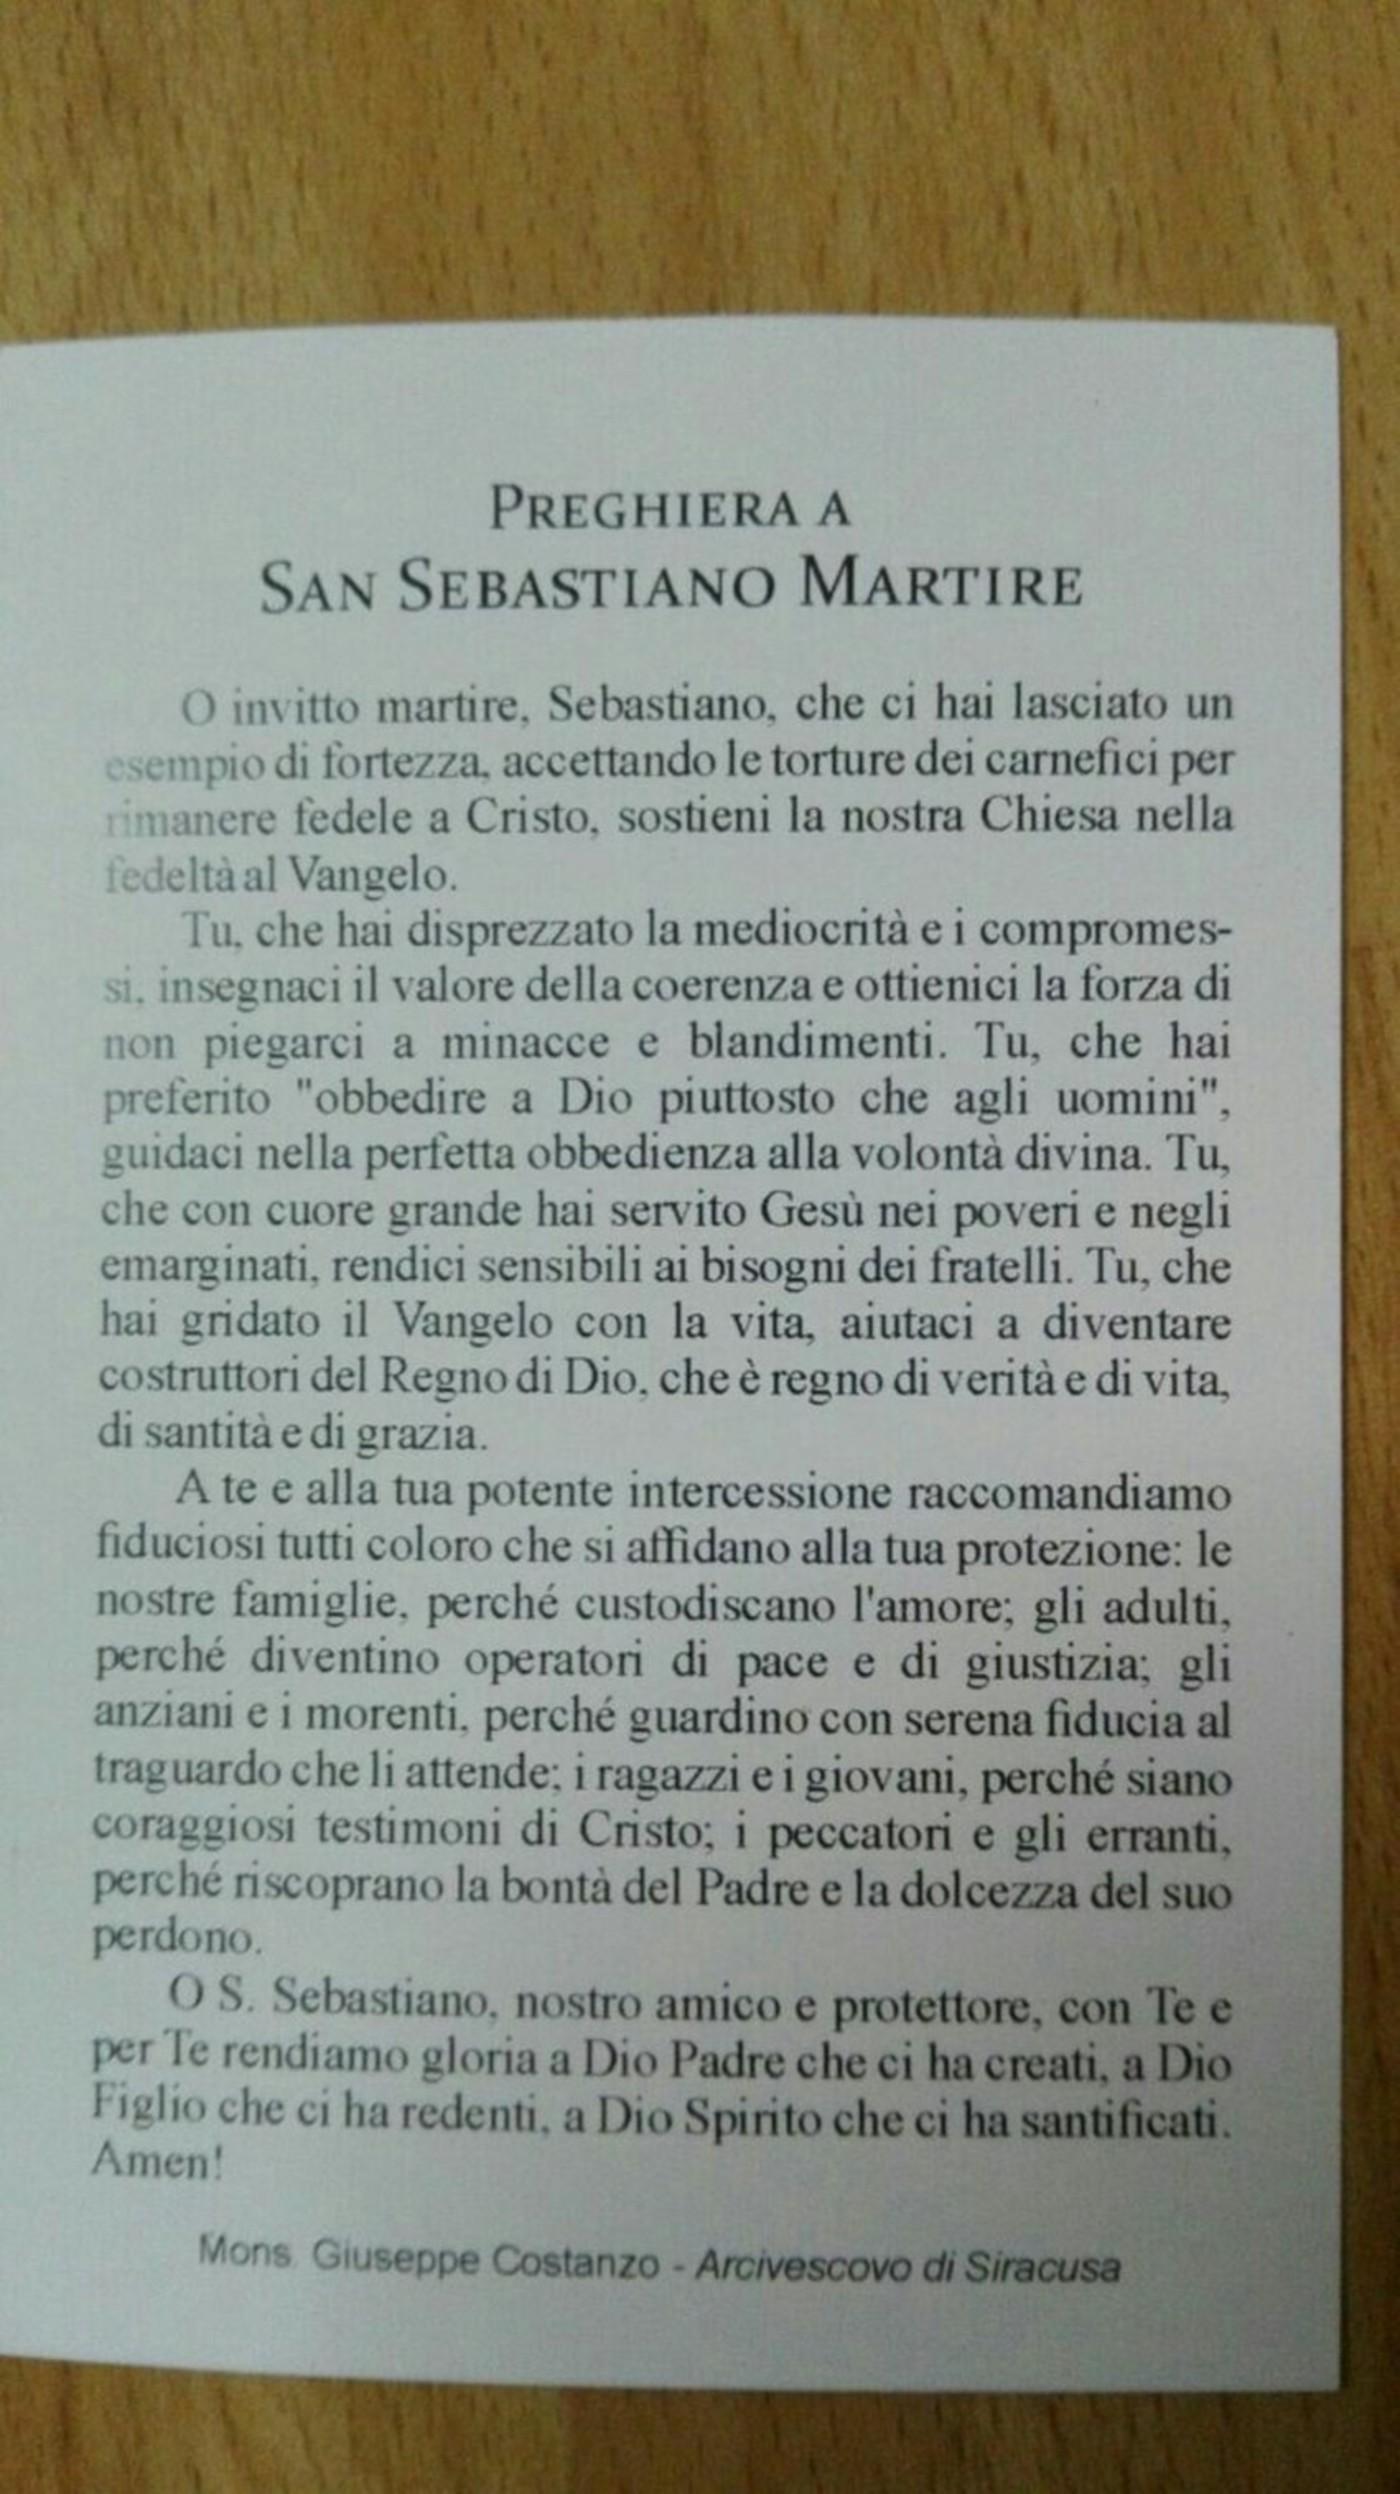 Preghiera a San Sebastiano Martire